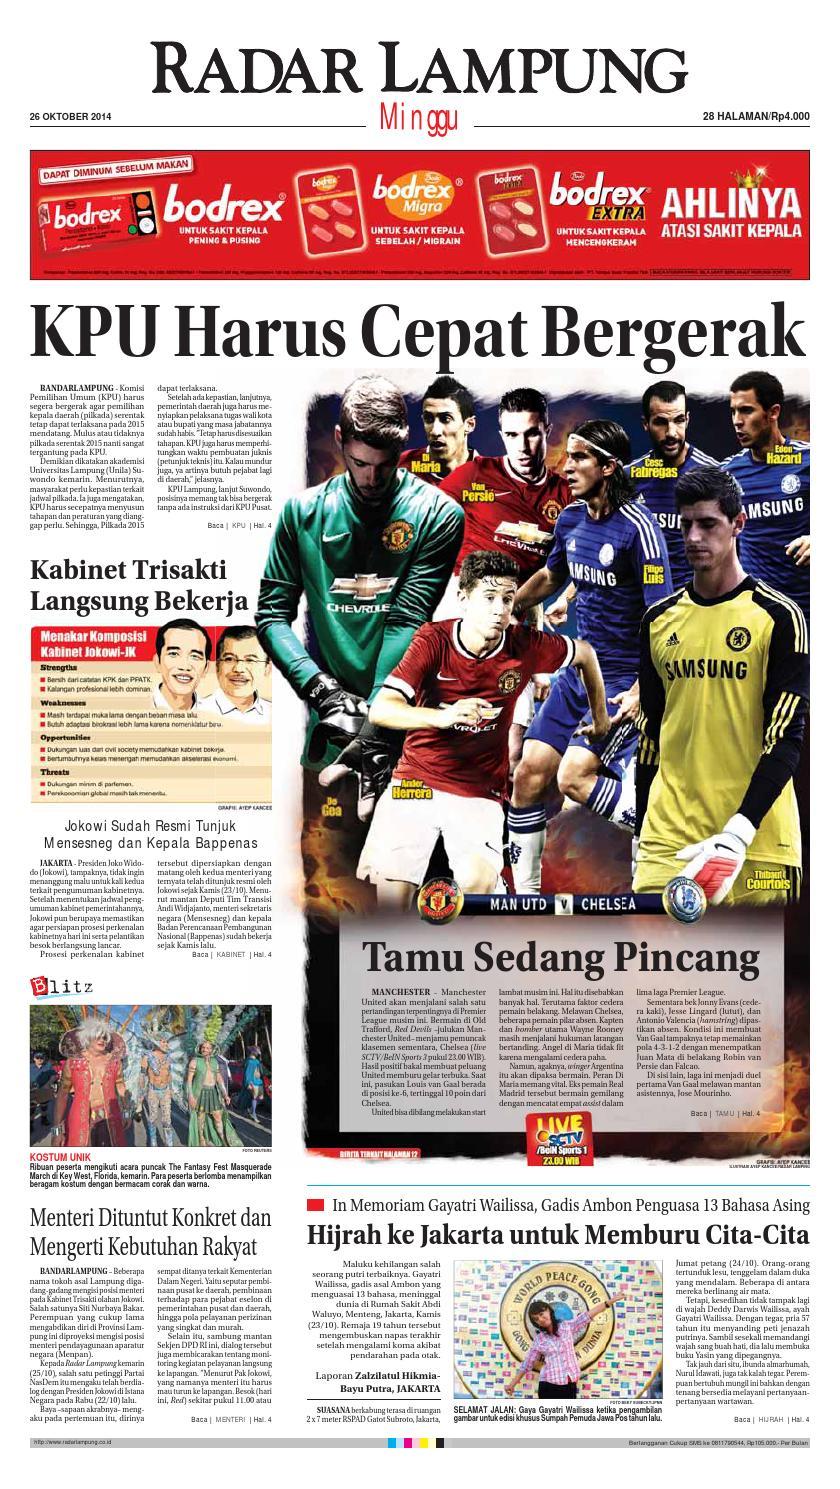 Radar Lampung Minggu 26 Oktober 2014 By Ayep Kancee Issuu Celana Bahan Remaja Dik Ary Collection Bdg